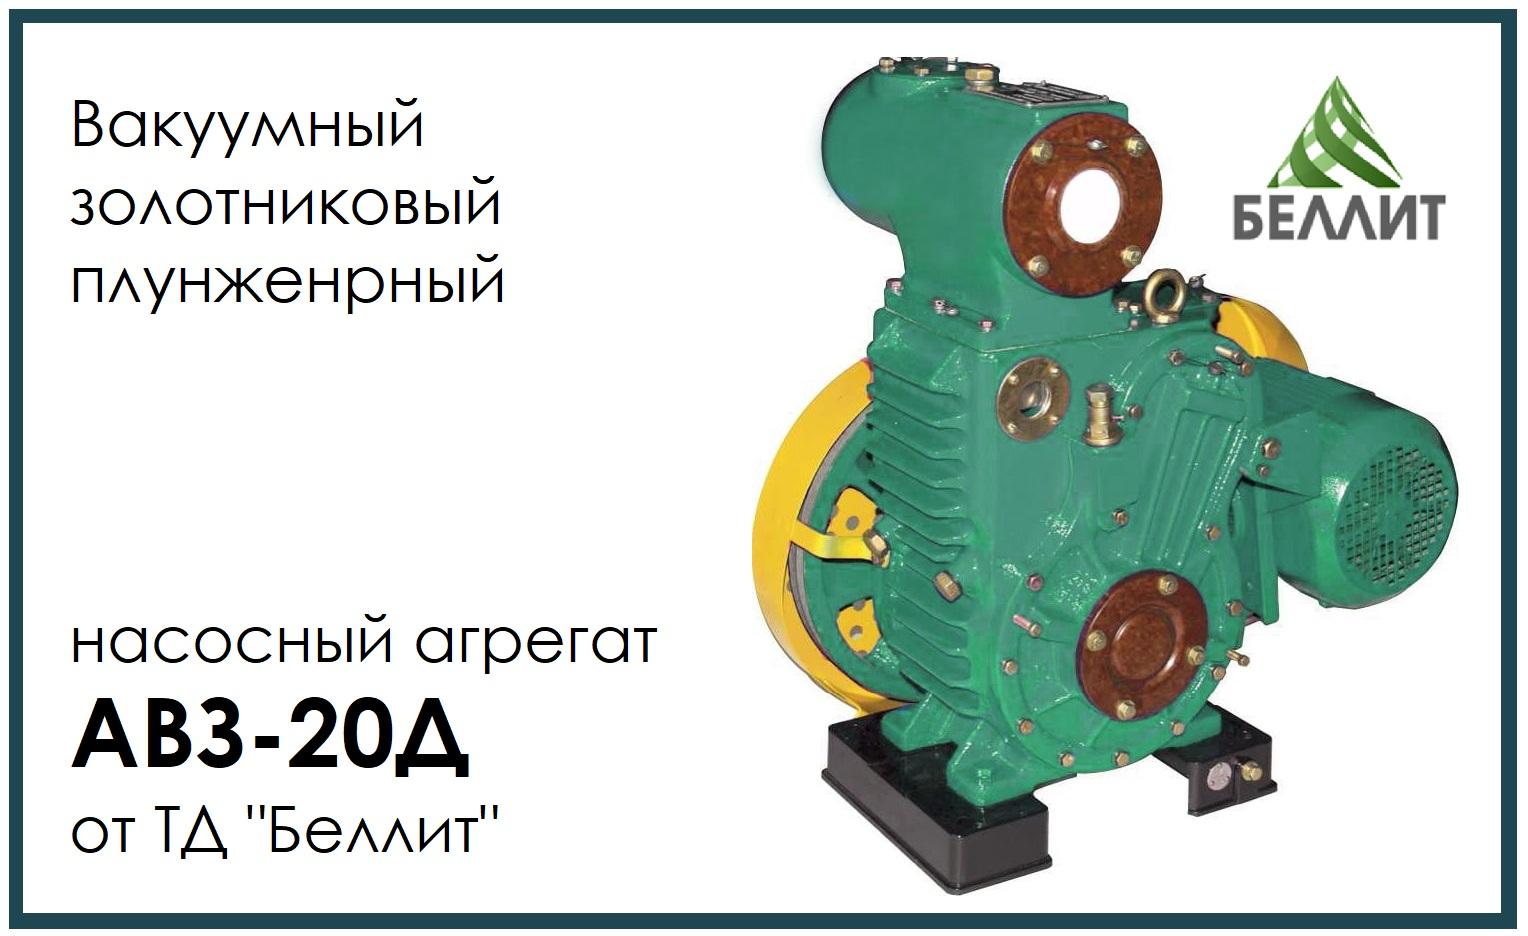 Купить вакуумный насос АВЗ-20Д золотниковый с двигателем